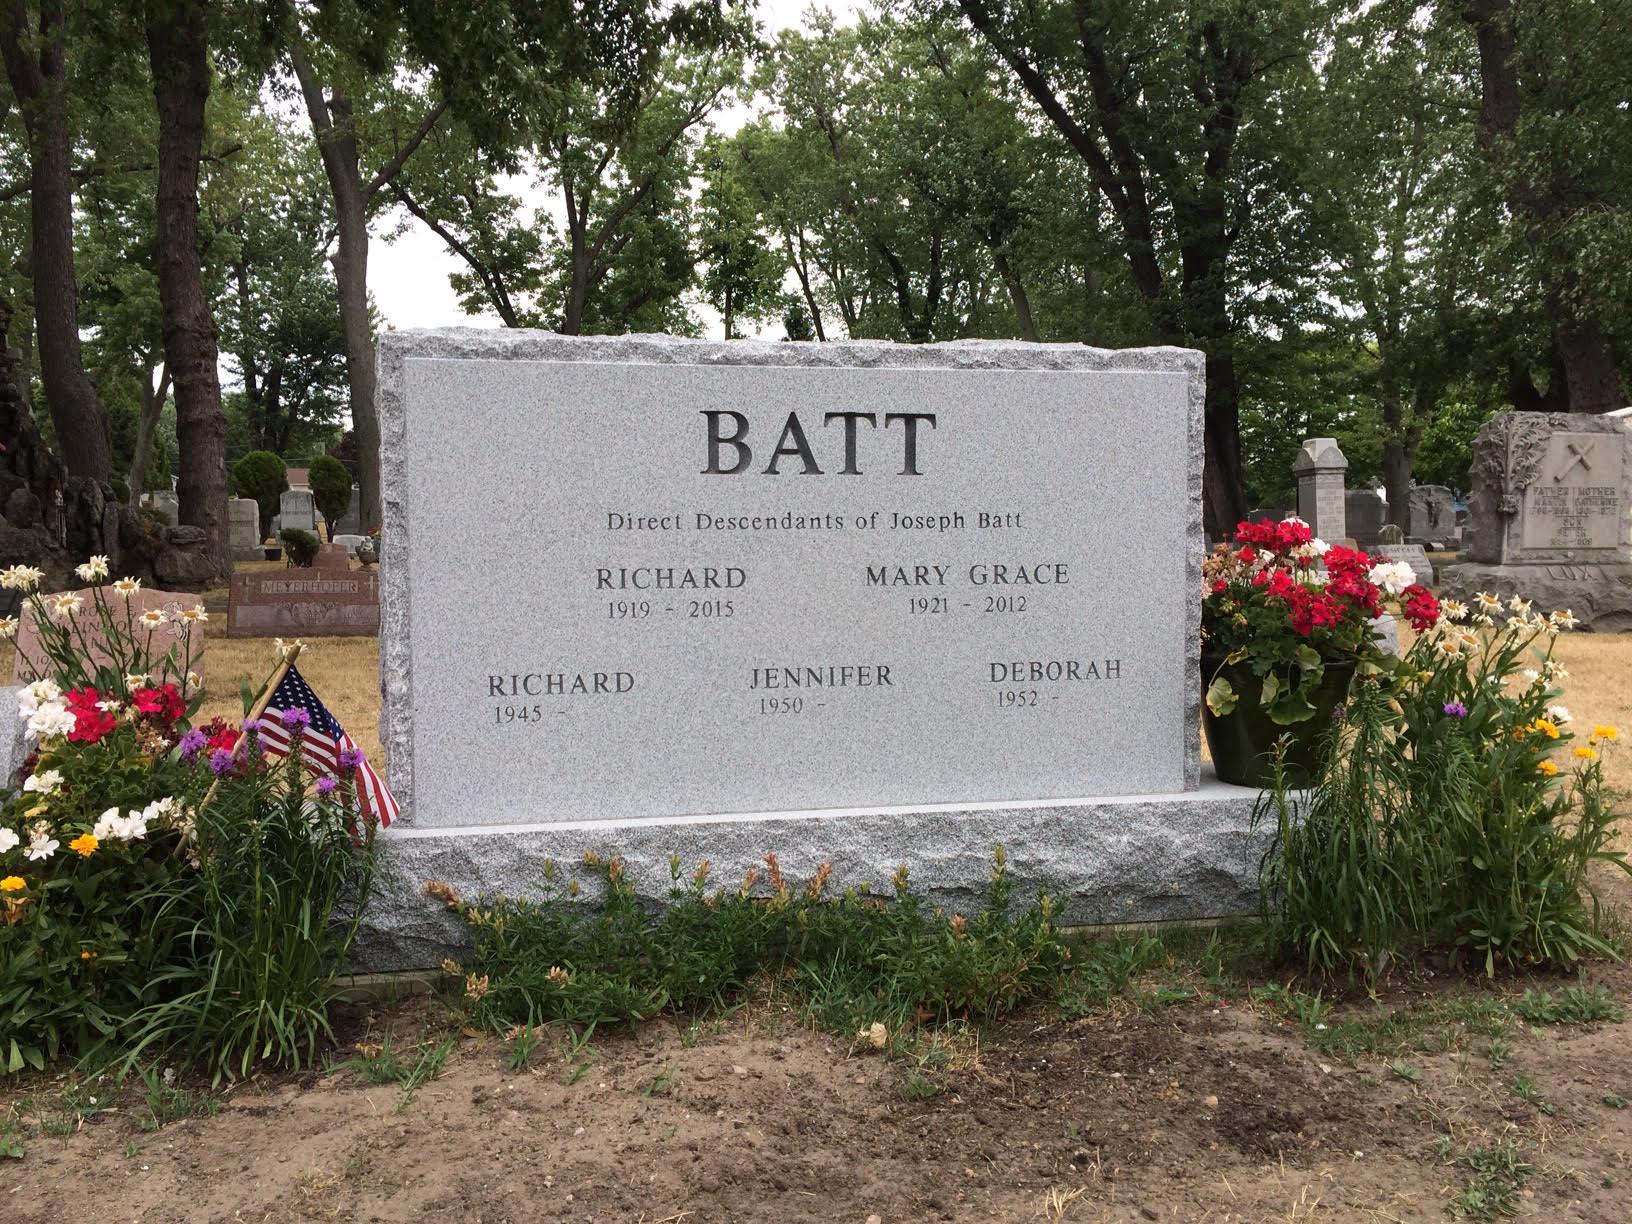 Batt Front.jpg